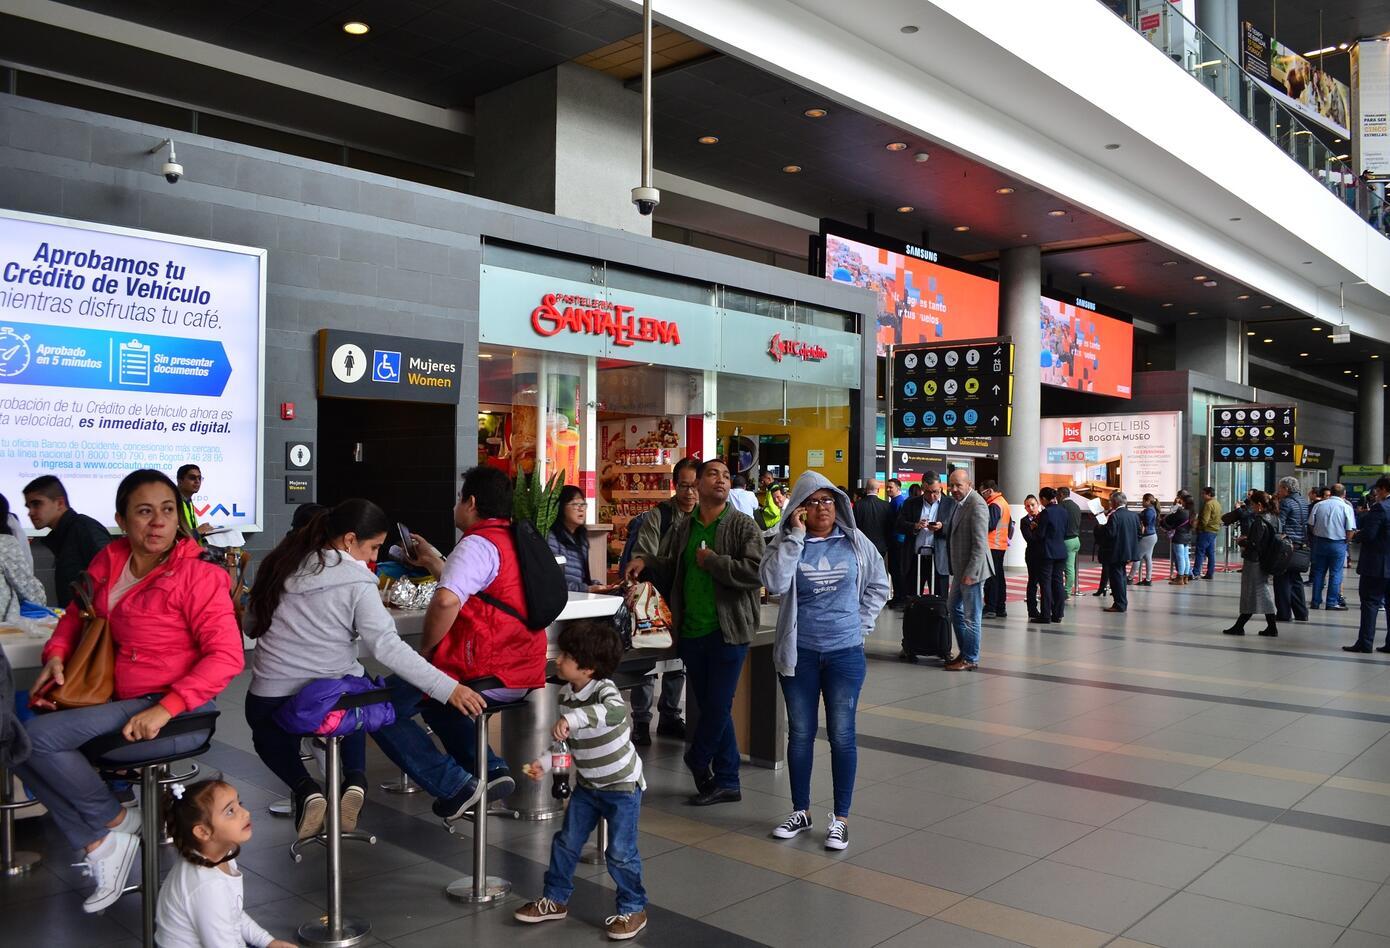 Interior aeropuerto El Dorado